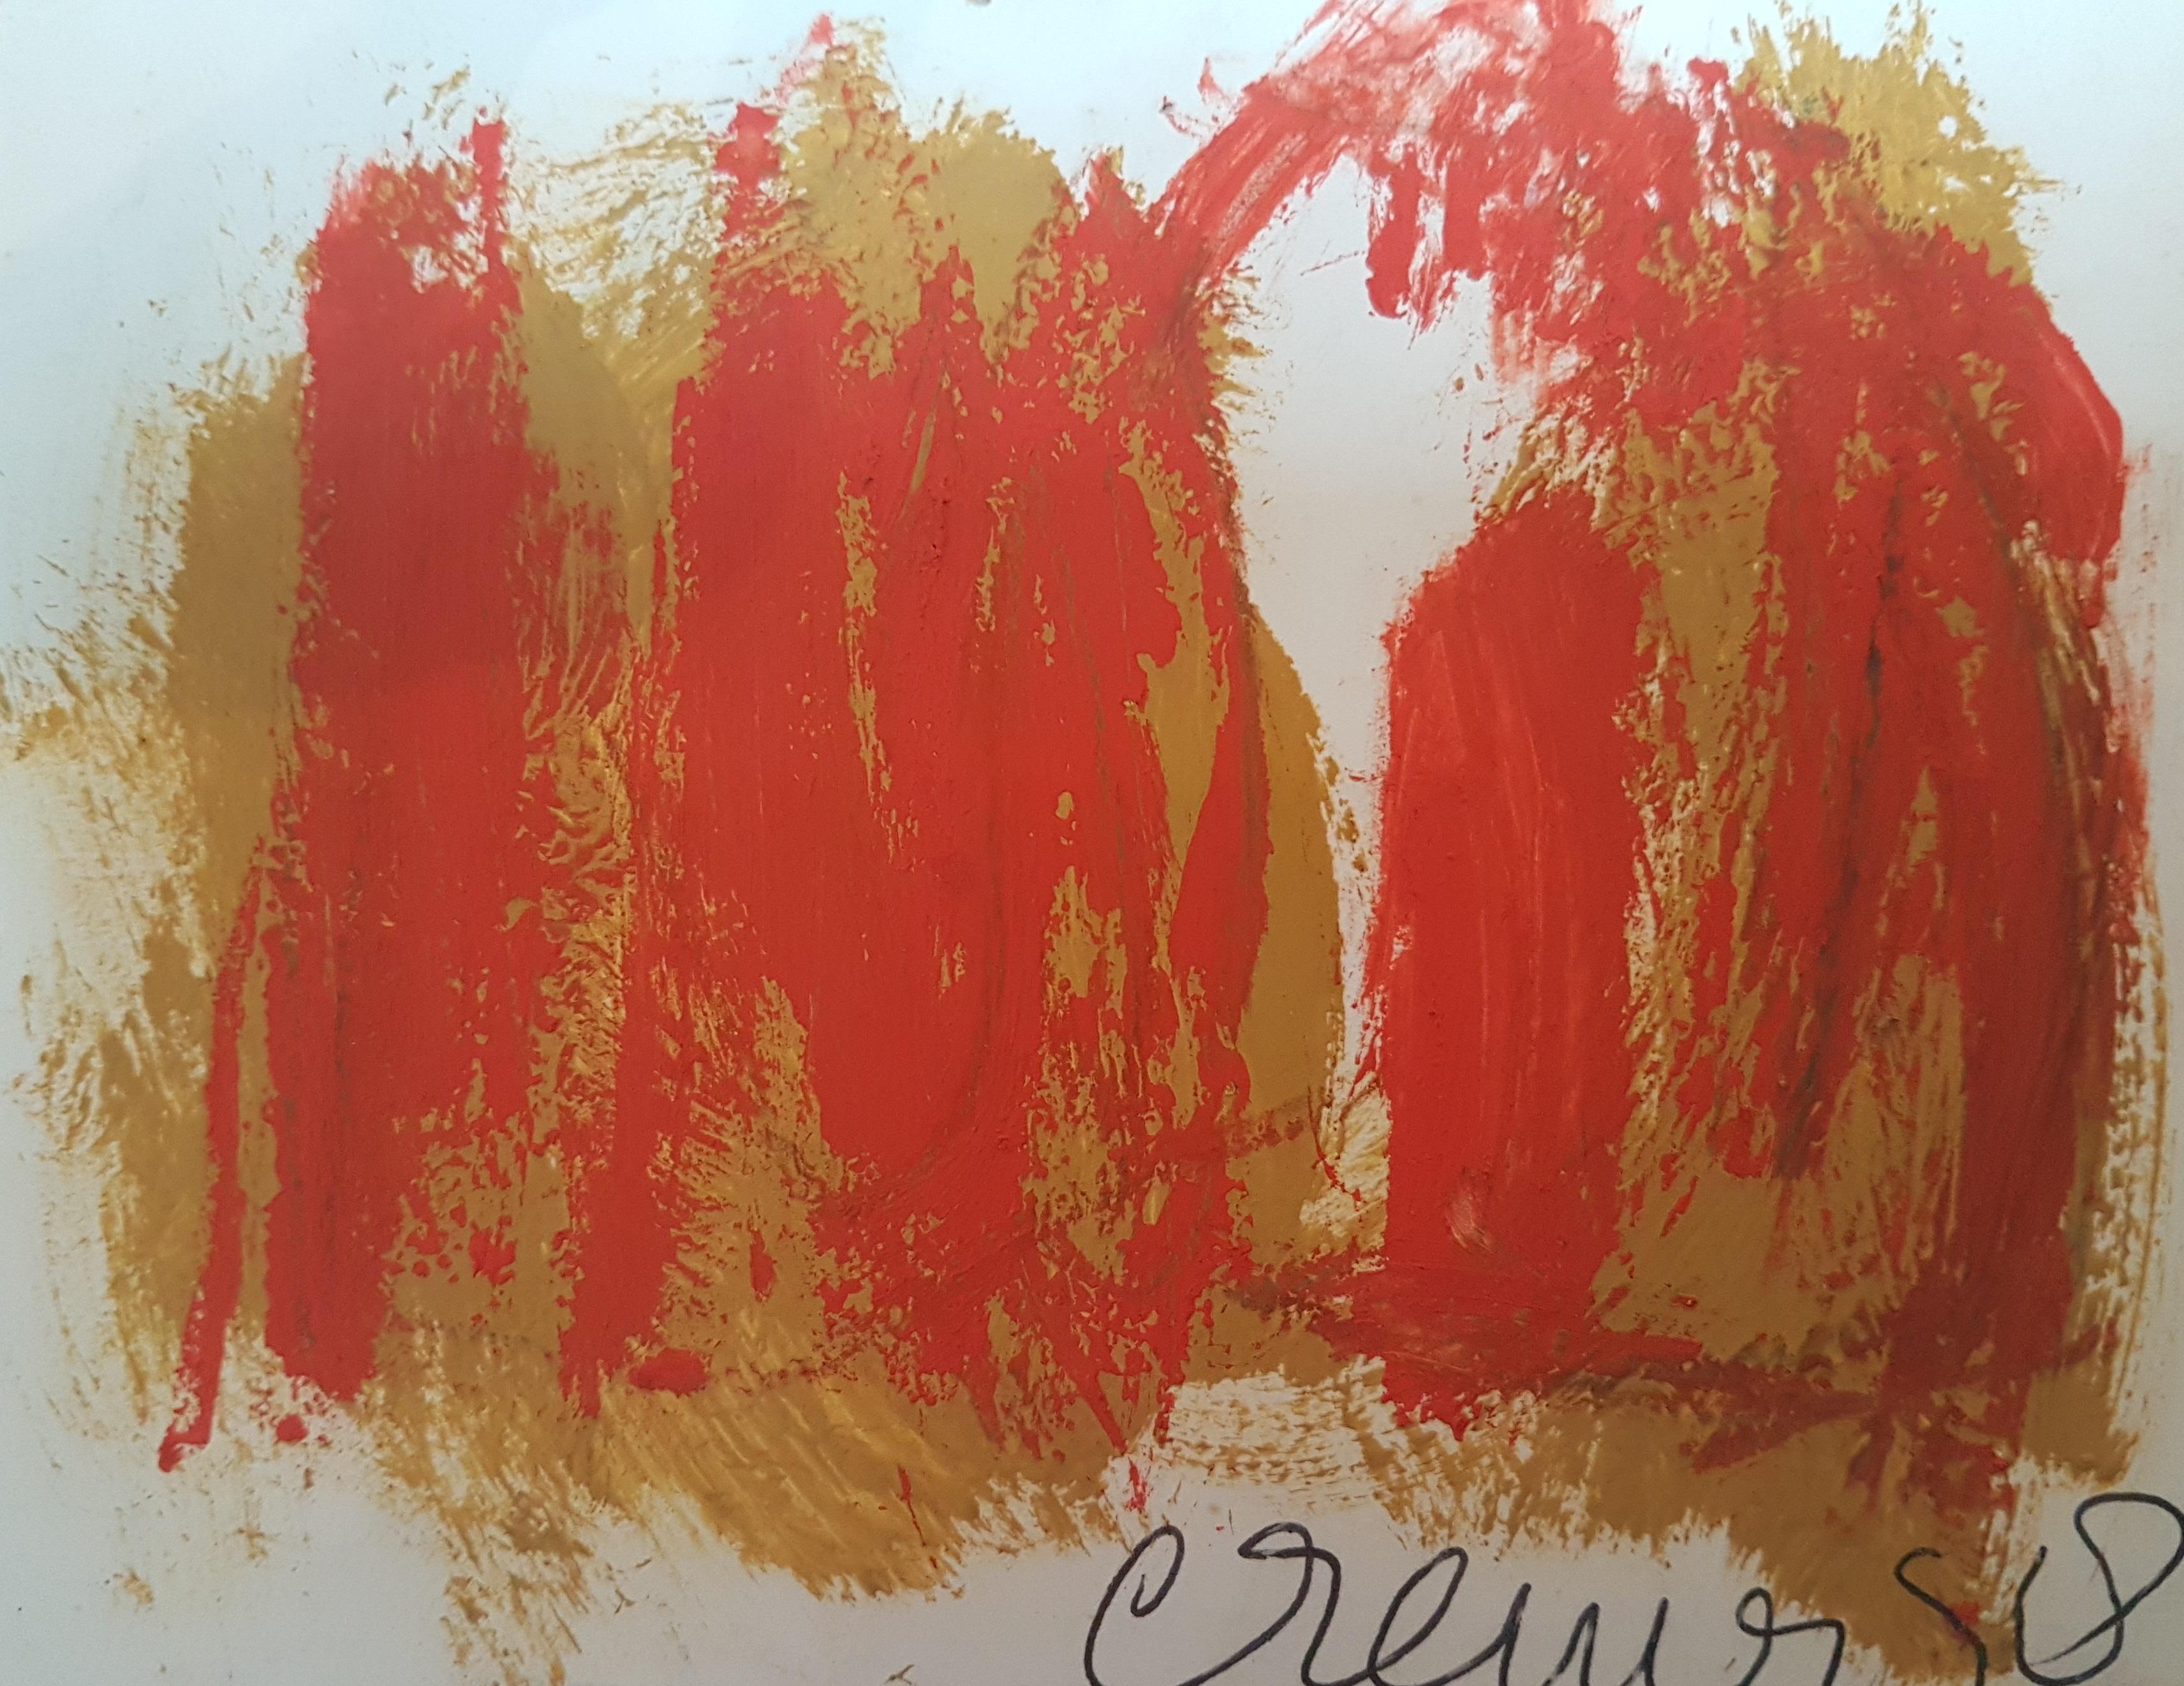 Abstracte compositie (1958)